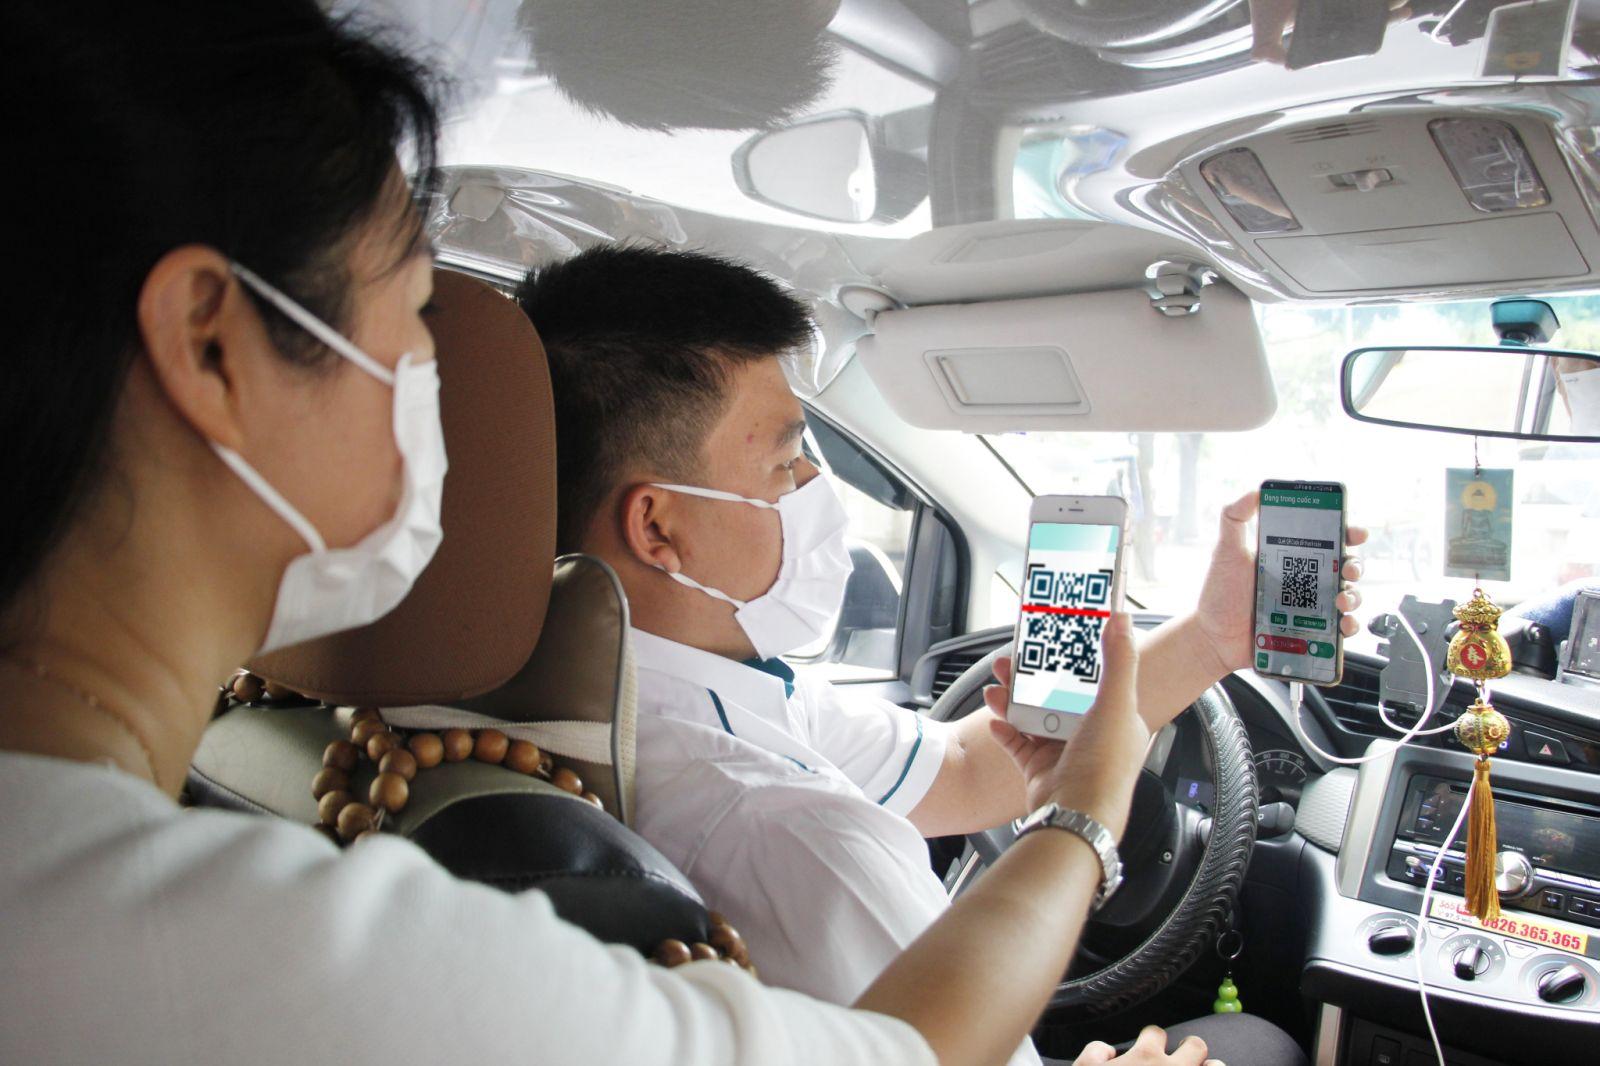 Từ 25/3, tài xế phải công khai thông tin gì với khách đi taxi? - Ảnh 1